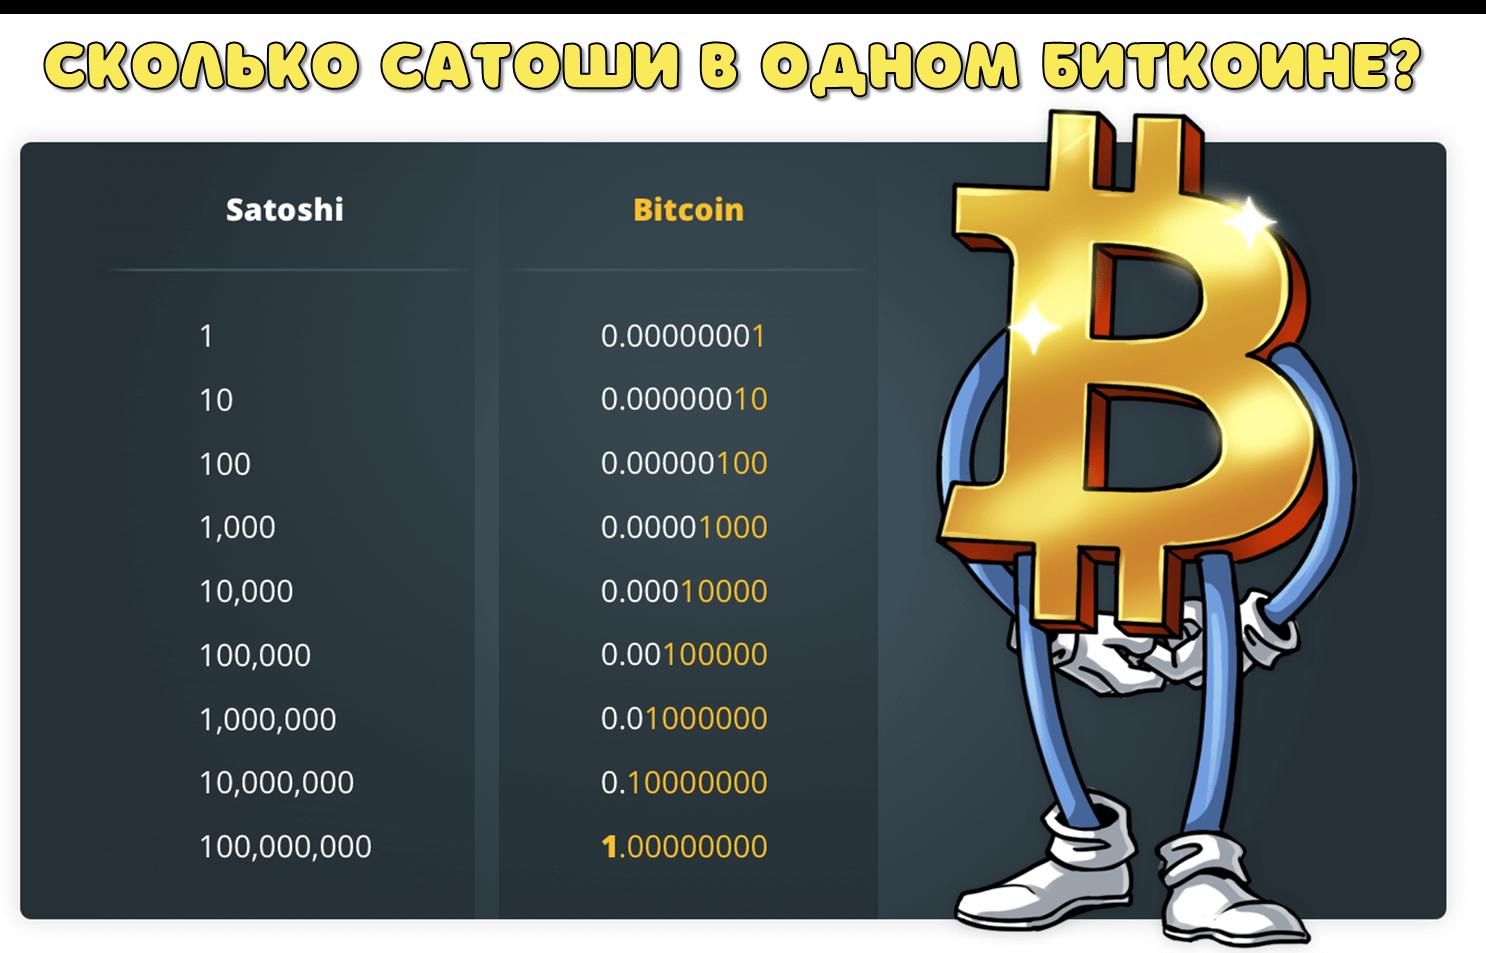 Сколько сатоши в 1 биткоин